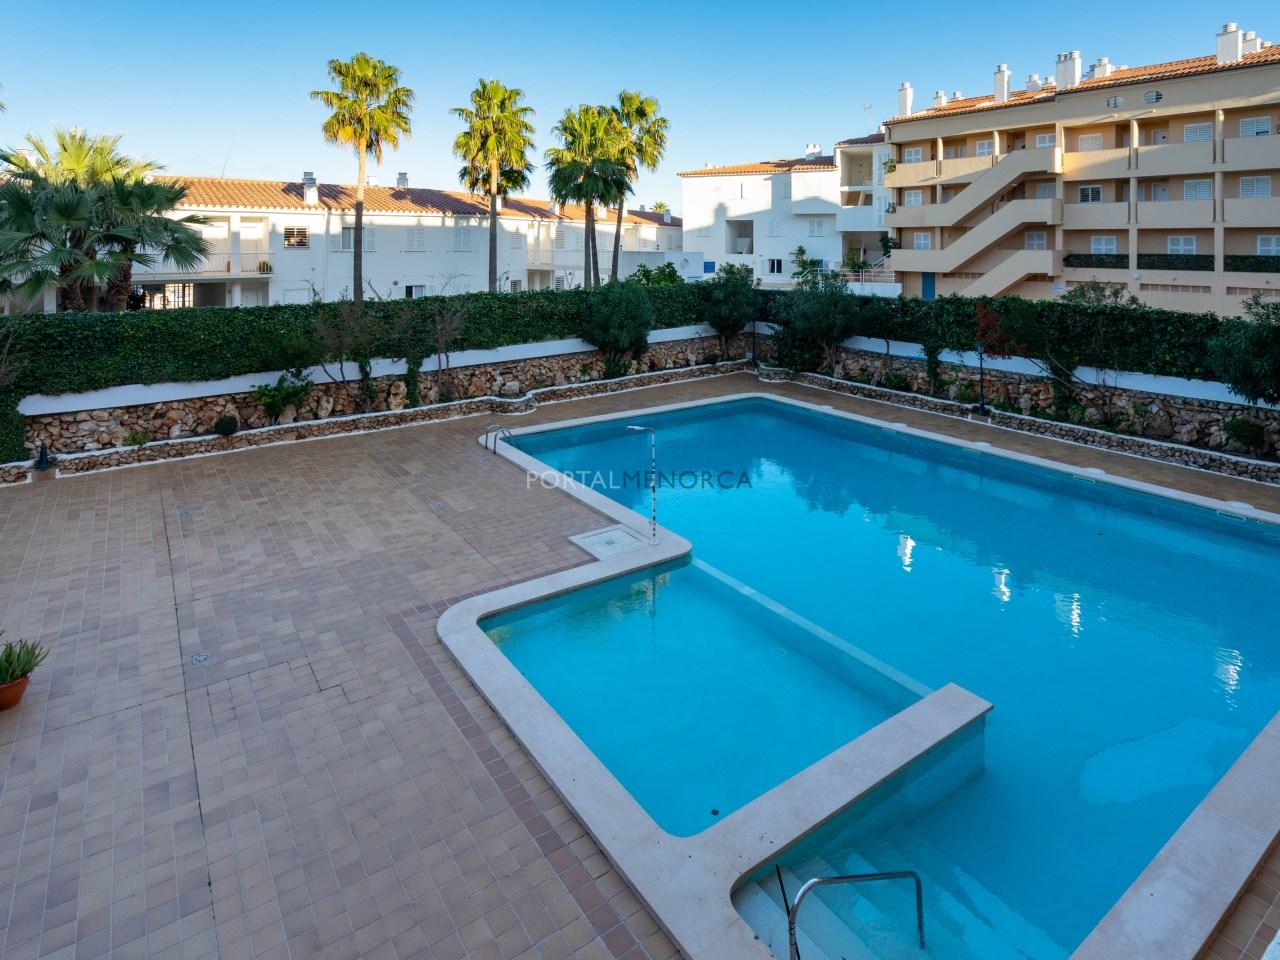 apartamento Es Castell Menorca (3)